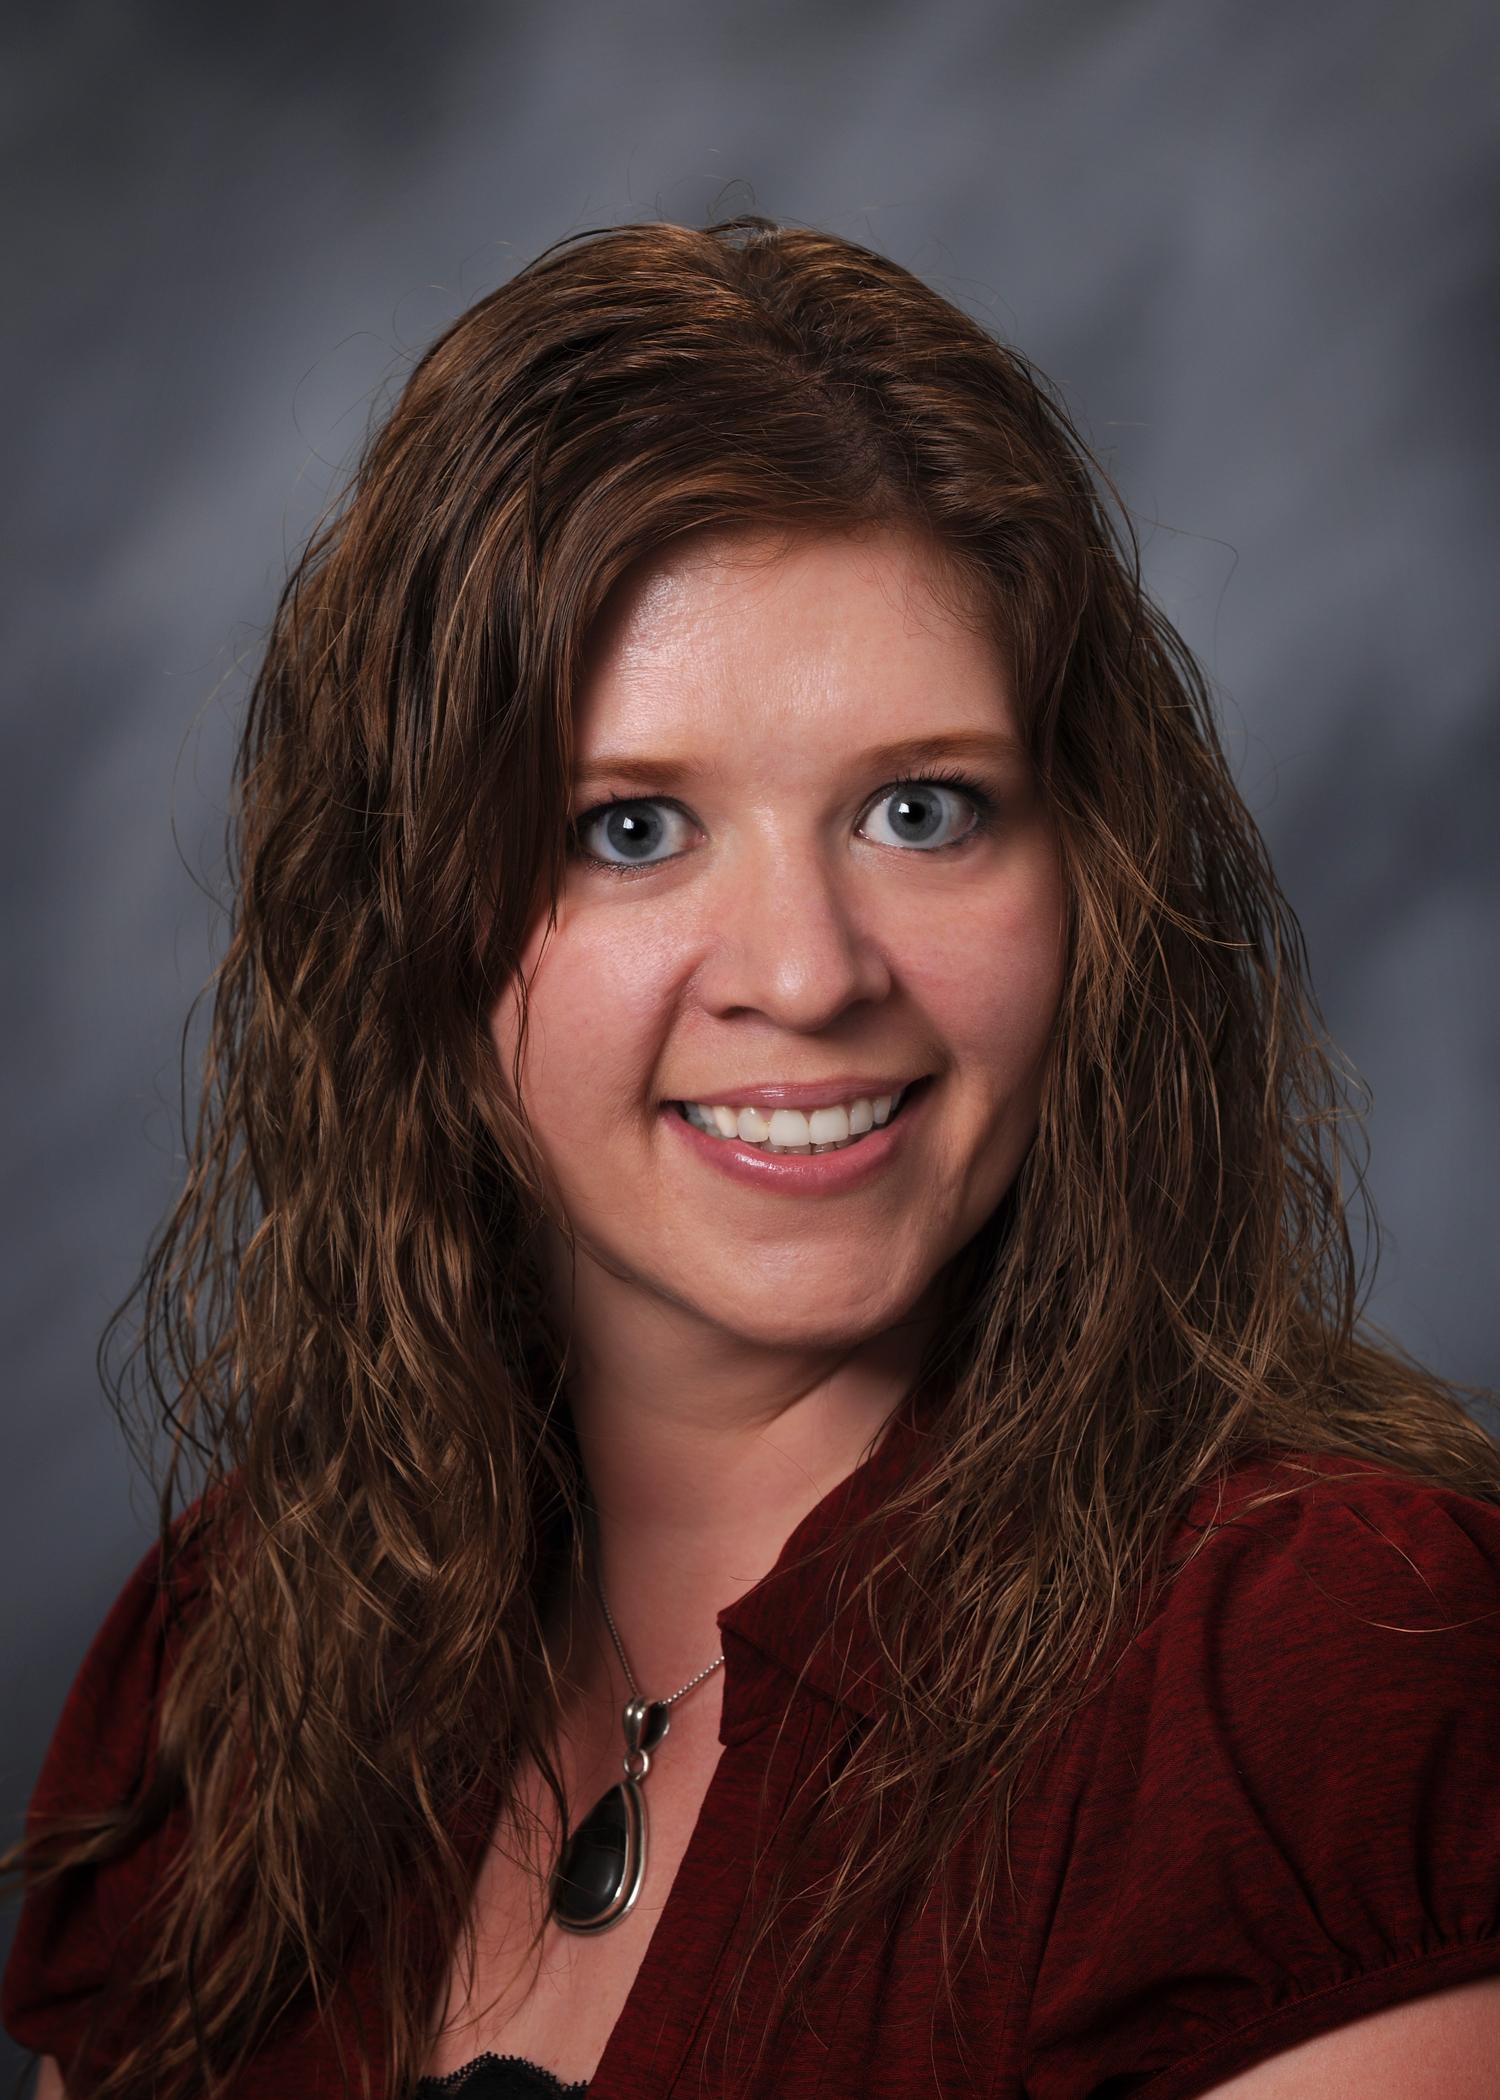 Rebecca Leier